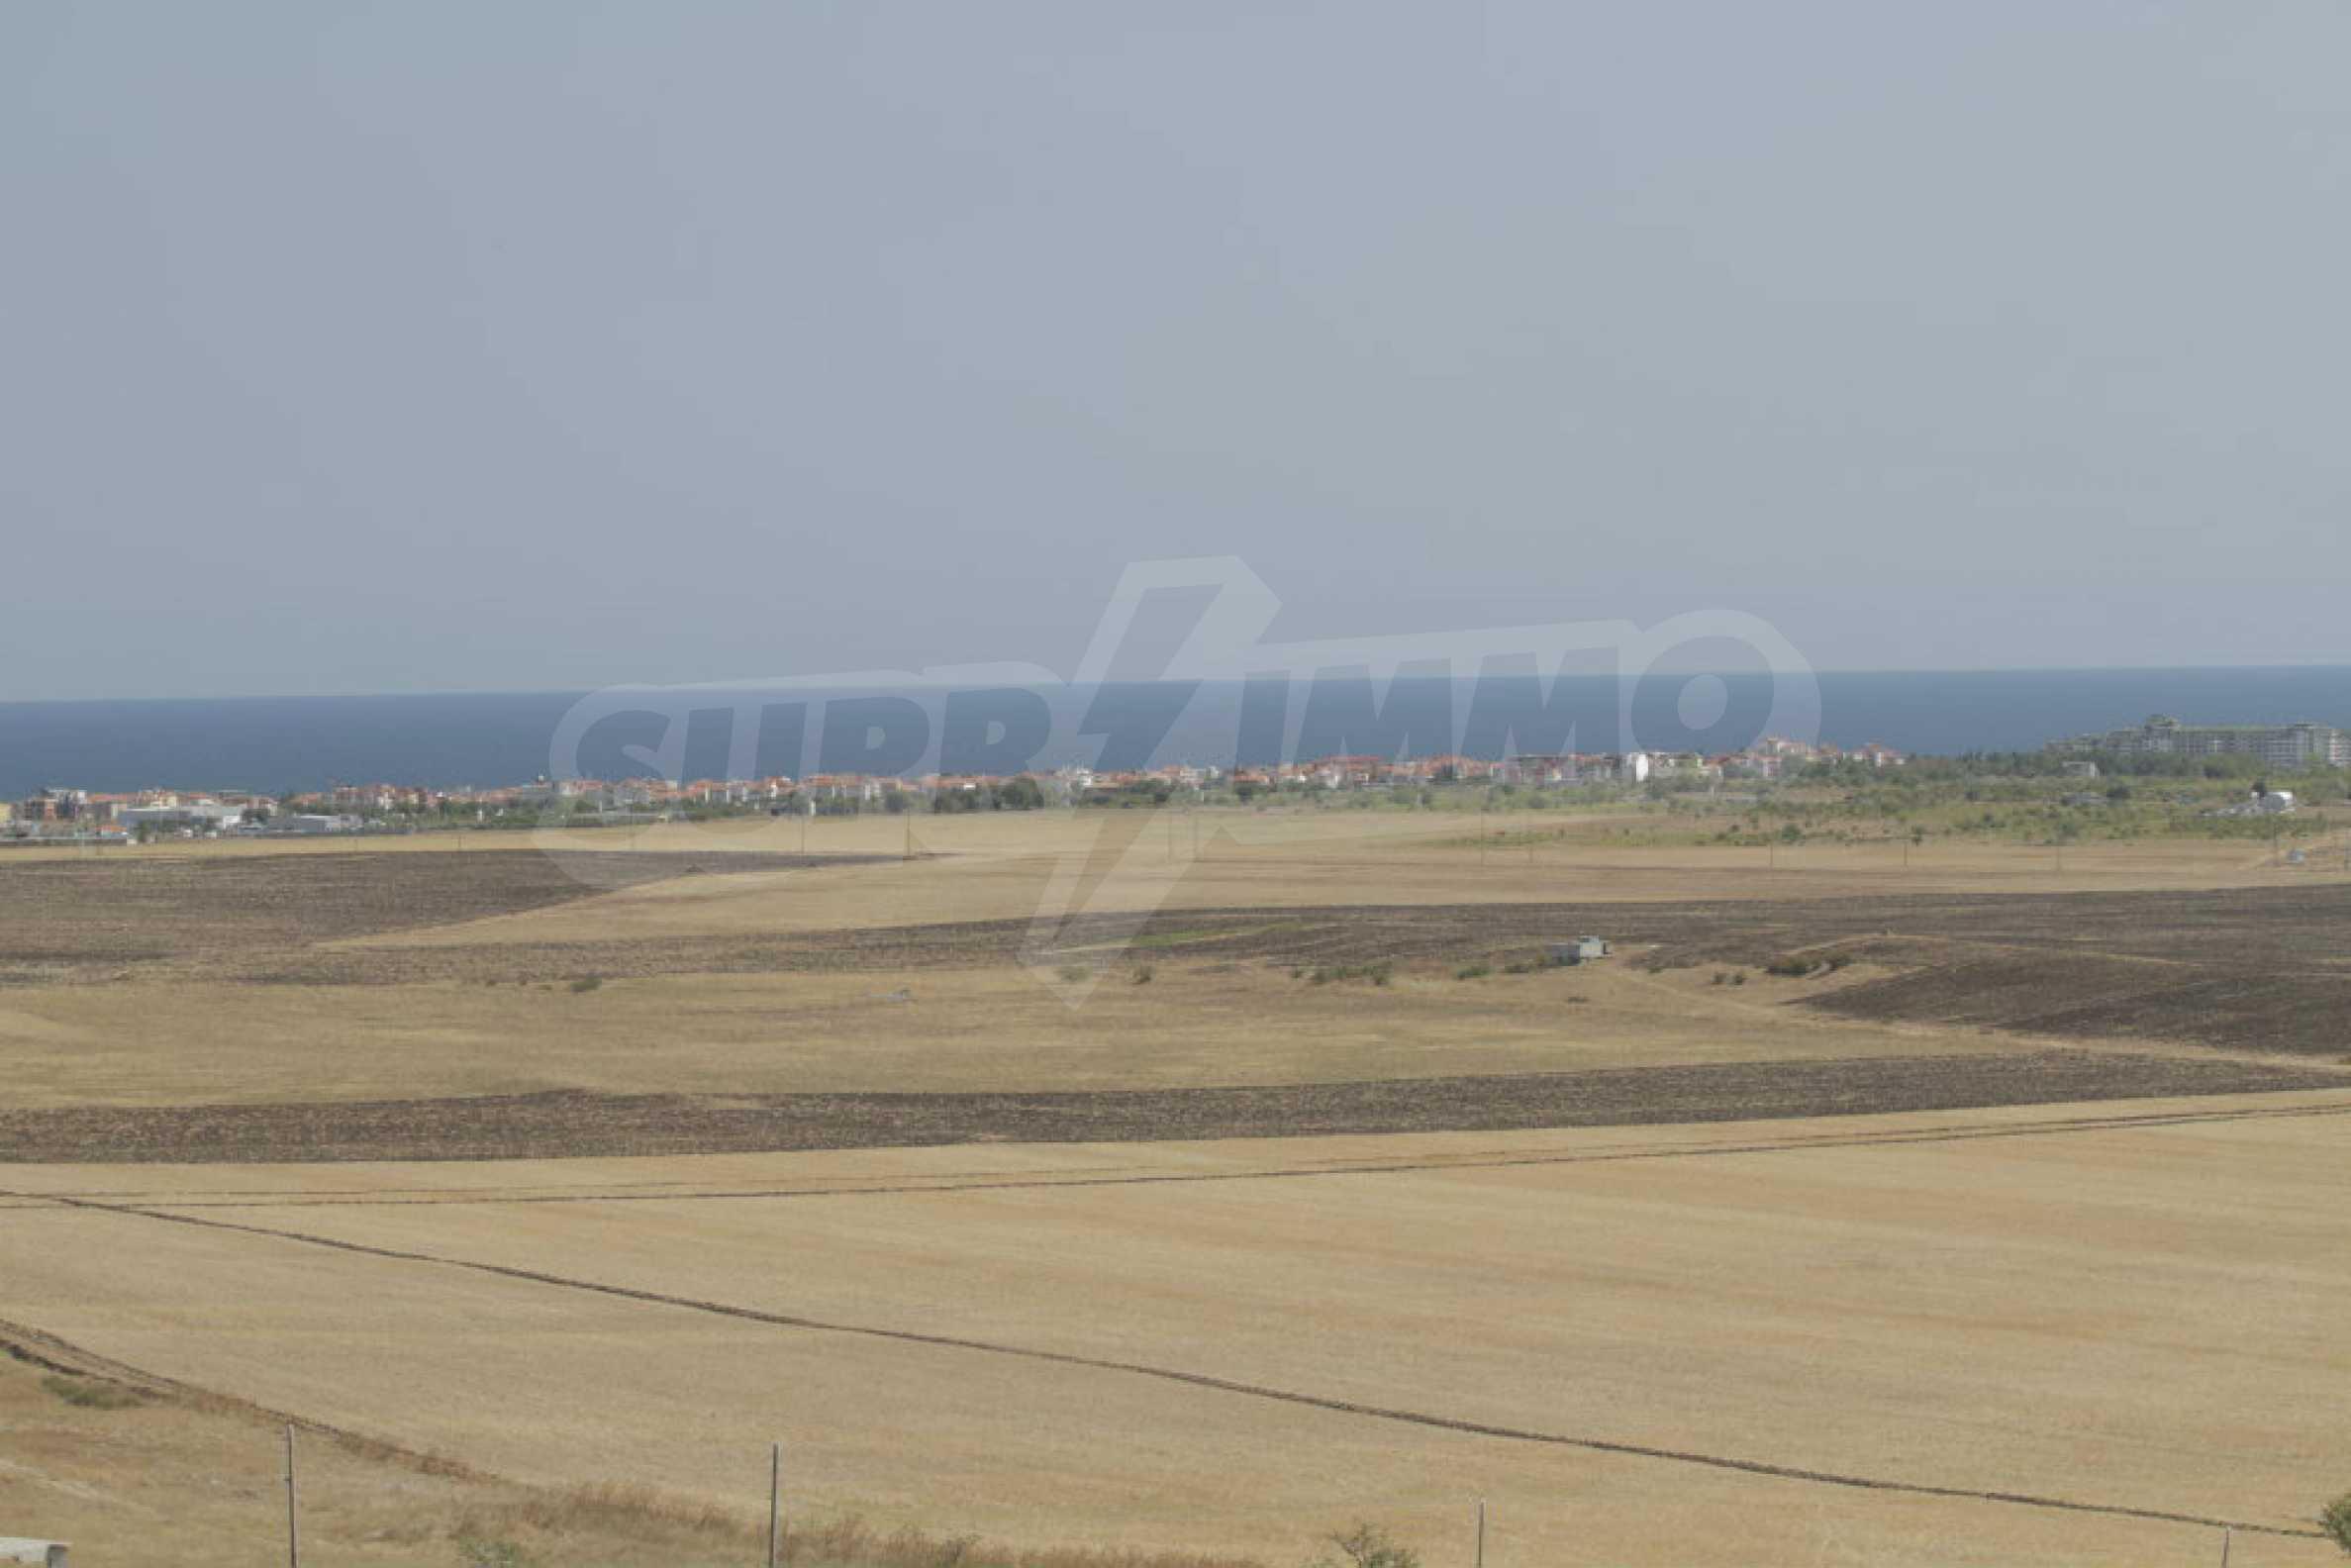 Attraktives Grundstück für Investieren in der Nähe des historischen Komplexes Aheloy 917 und Sonnenstrand, bei Tankowo und Aheloy 25